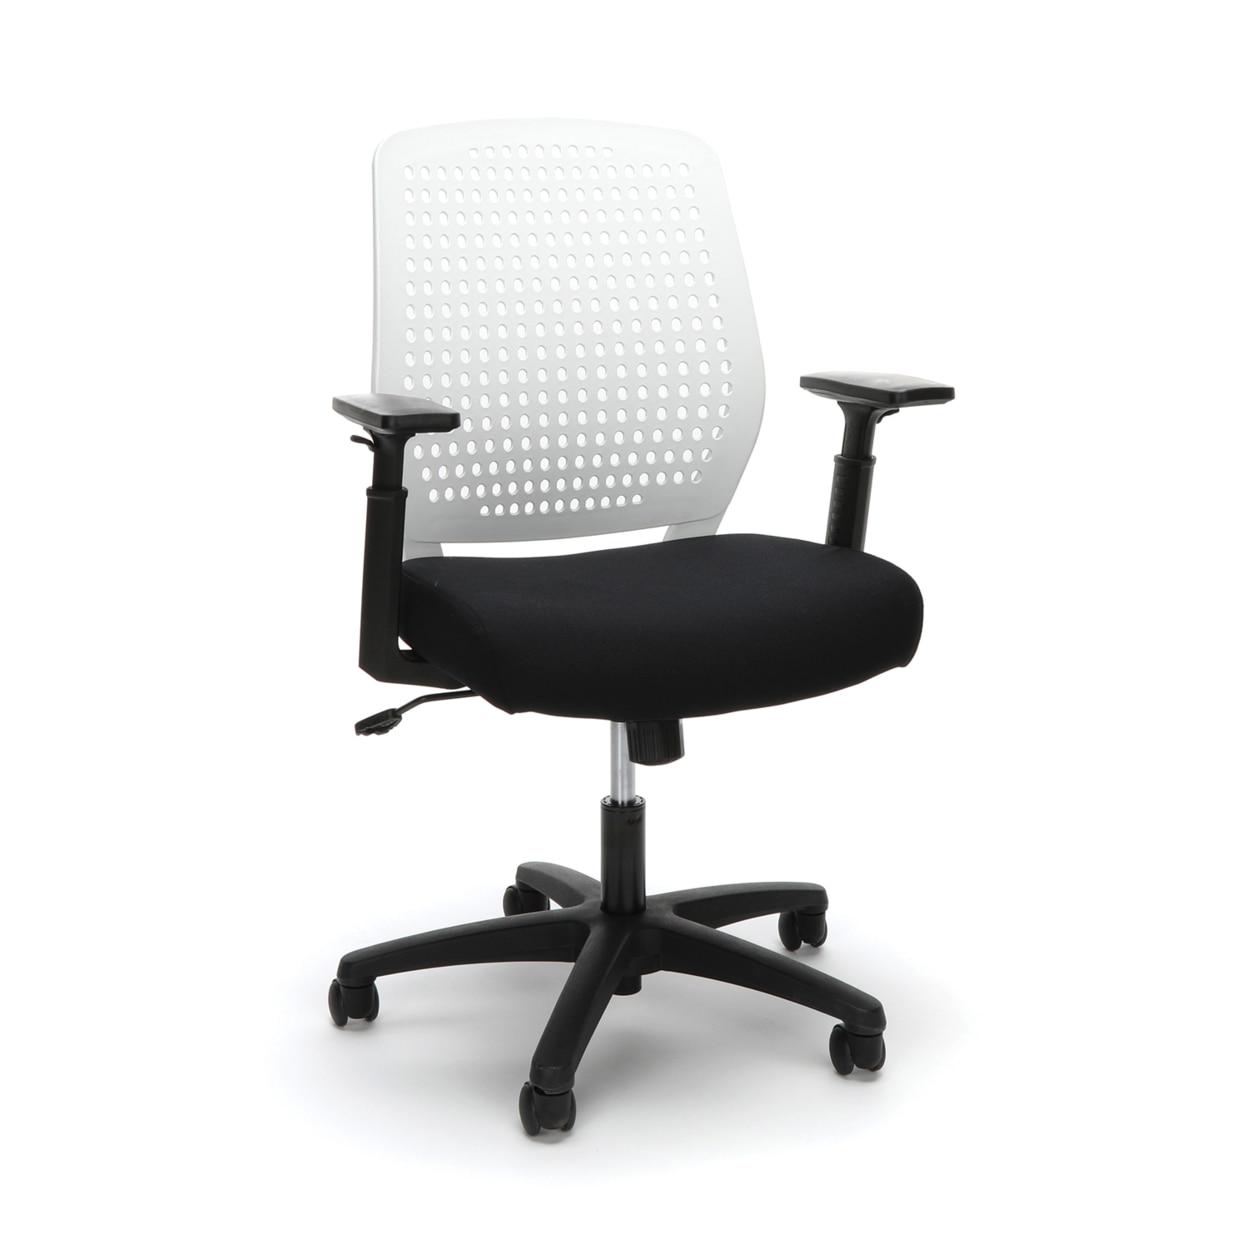 Модель ESS-2055 основы по модели Пластик назад эргономичный стул